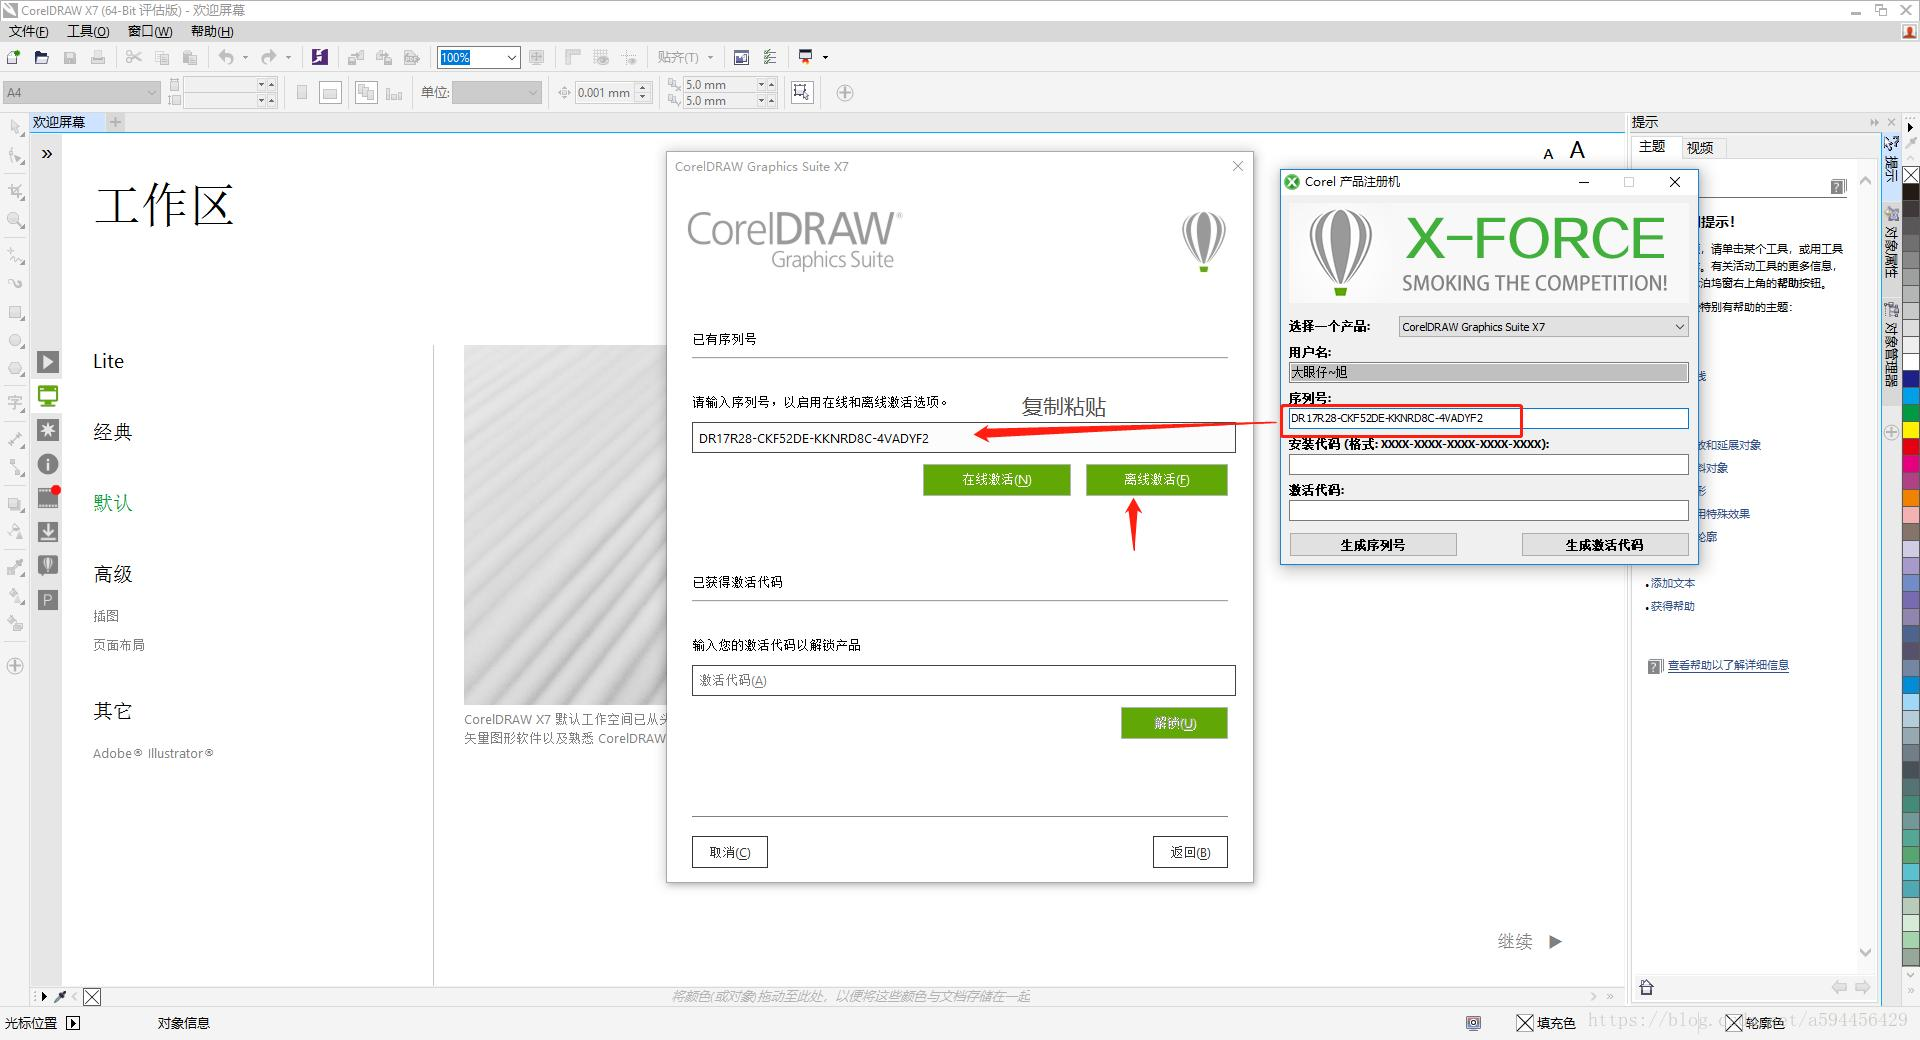 CorelDRAW X7 (CDR) software detailed installation tutorial